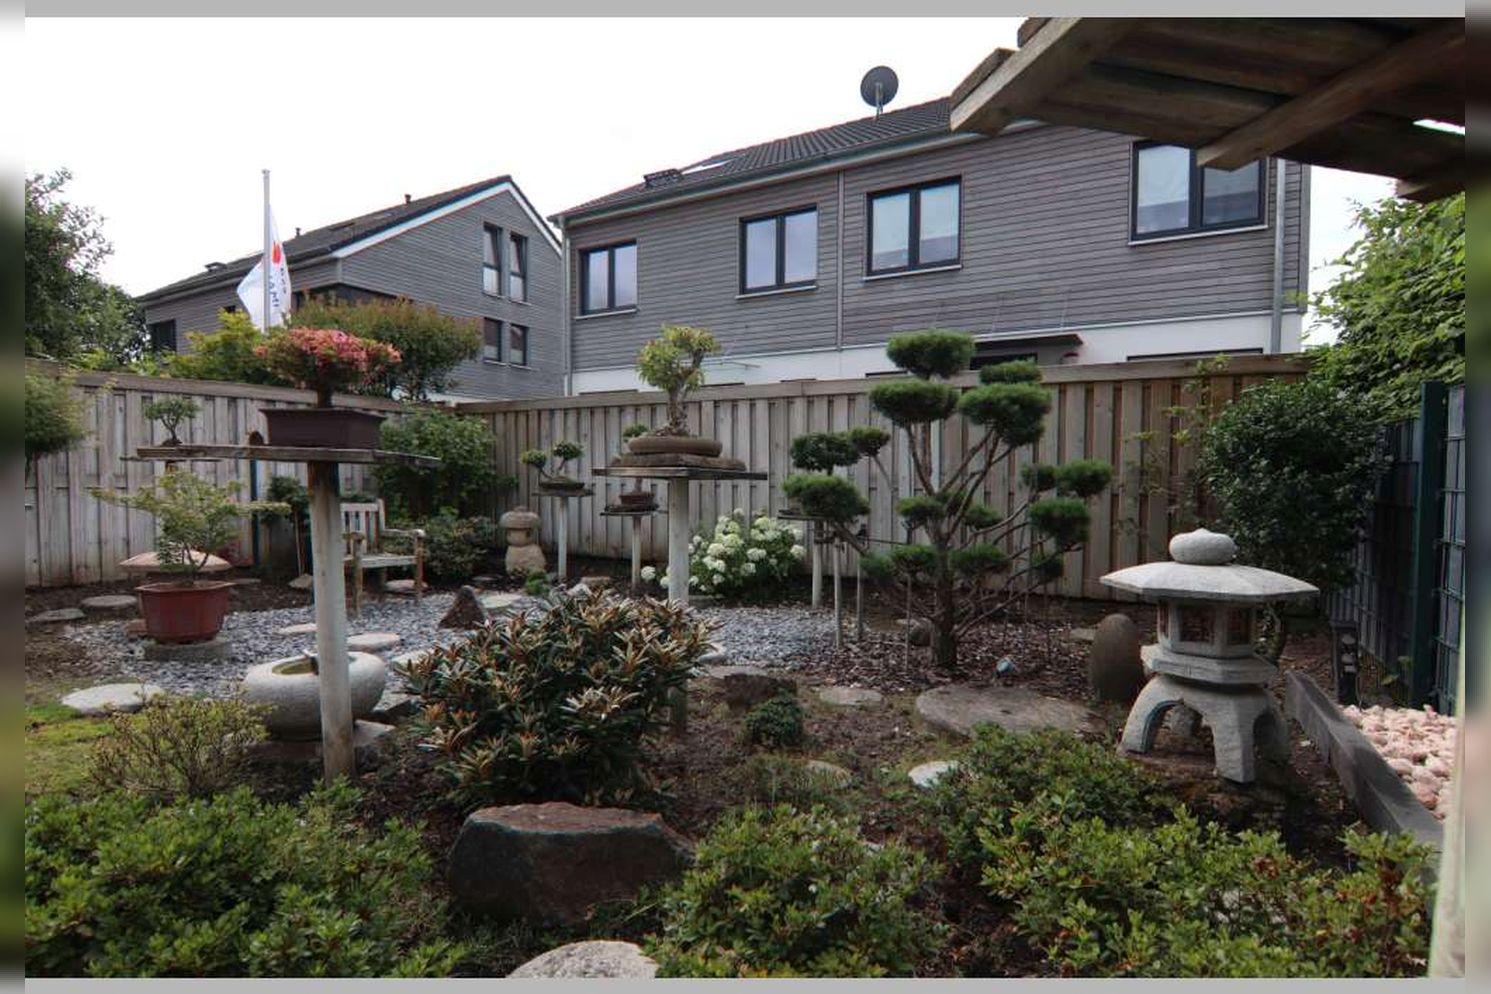 Immobilie Nr.0267 - Doppelhaushälfte mit 4 Zimmern, Küche, Diele, Badzimmer, Gäste-WC, Garten und Garage - nicht unterkellert - Bild 6.jpg